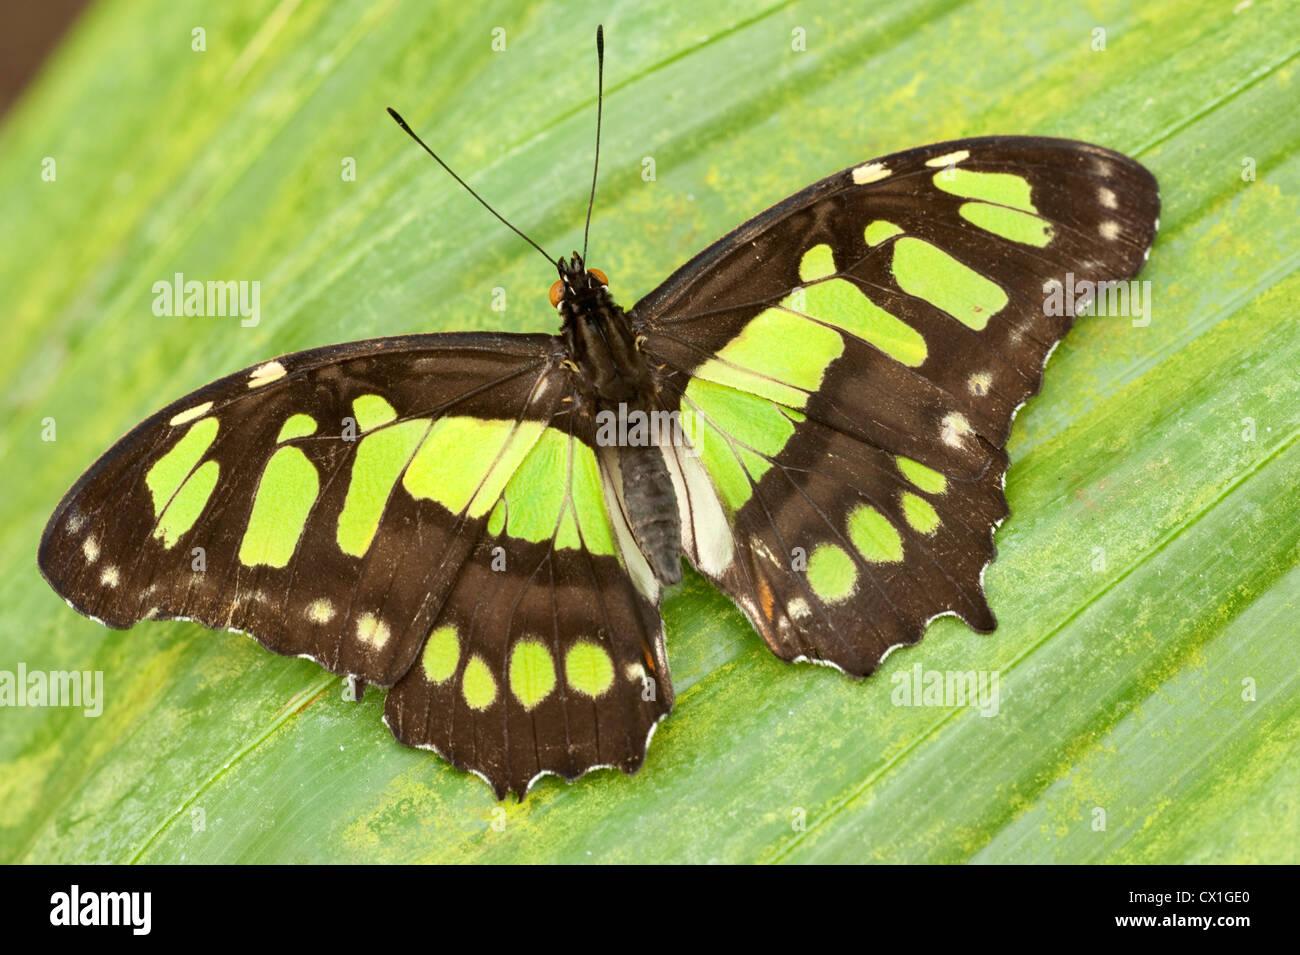 Mariposa de Malaquita Siproeta stelenes Sudamérica alas abiertas de color marrón y verde Foto de stock